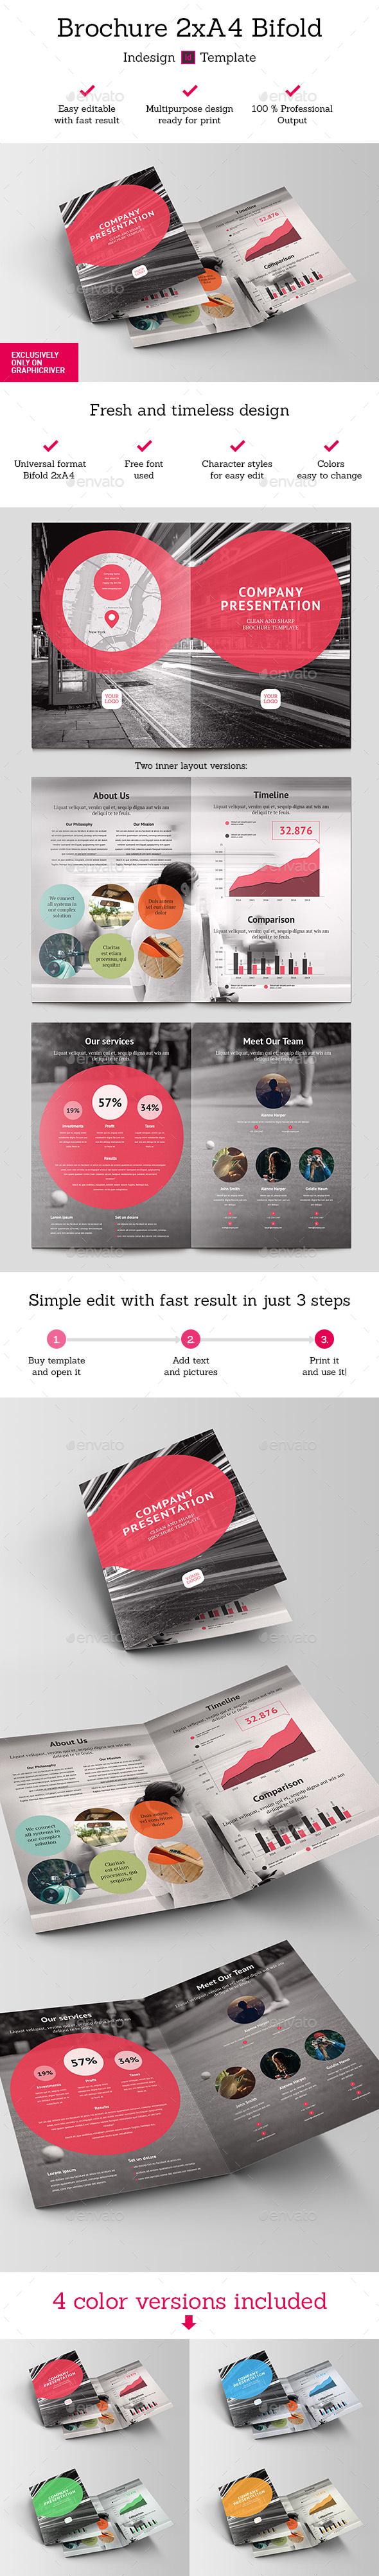 Brochure 2xA4 Bifold Indesign Template - Brochures Print Templates